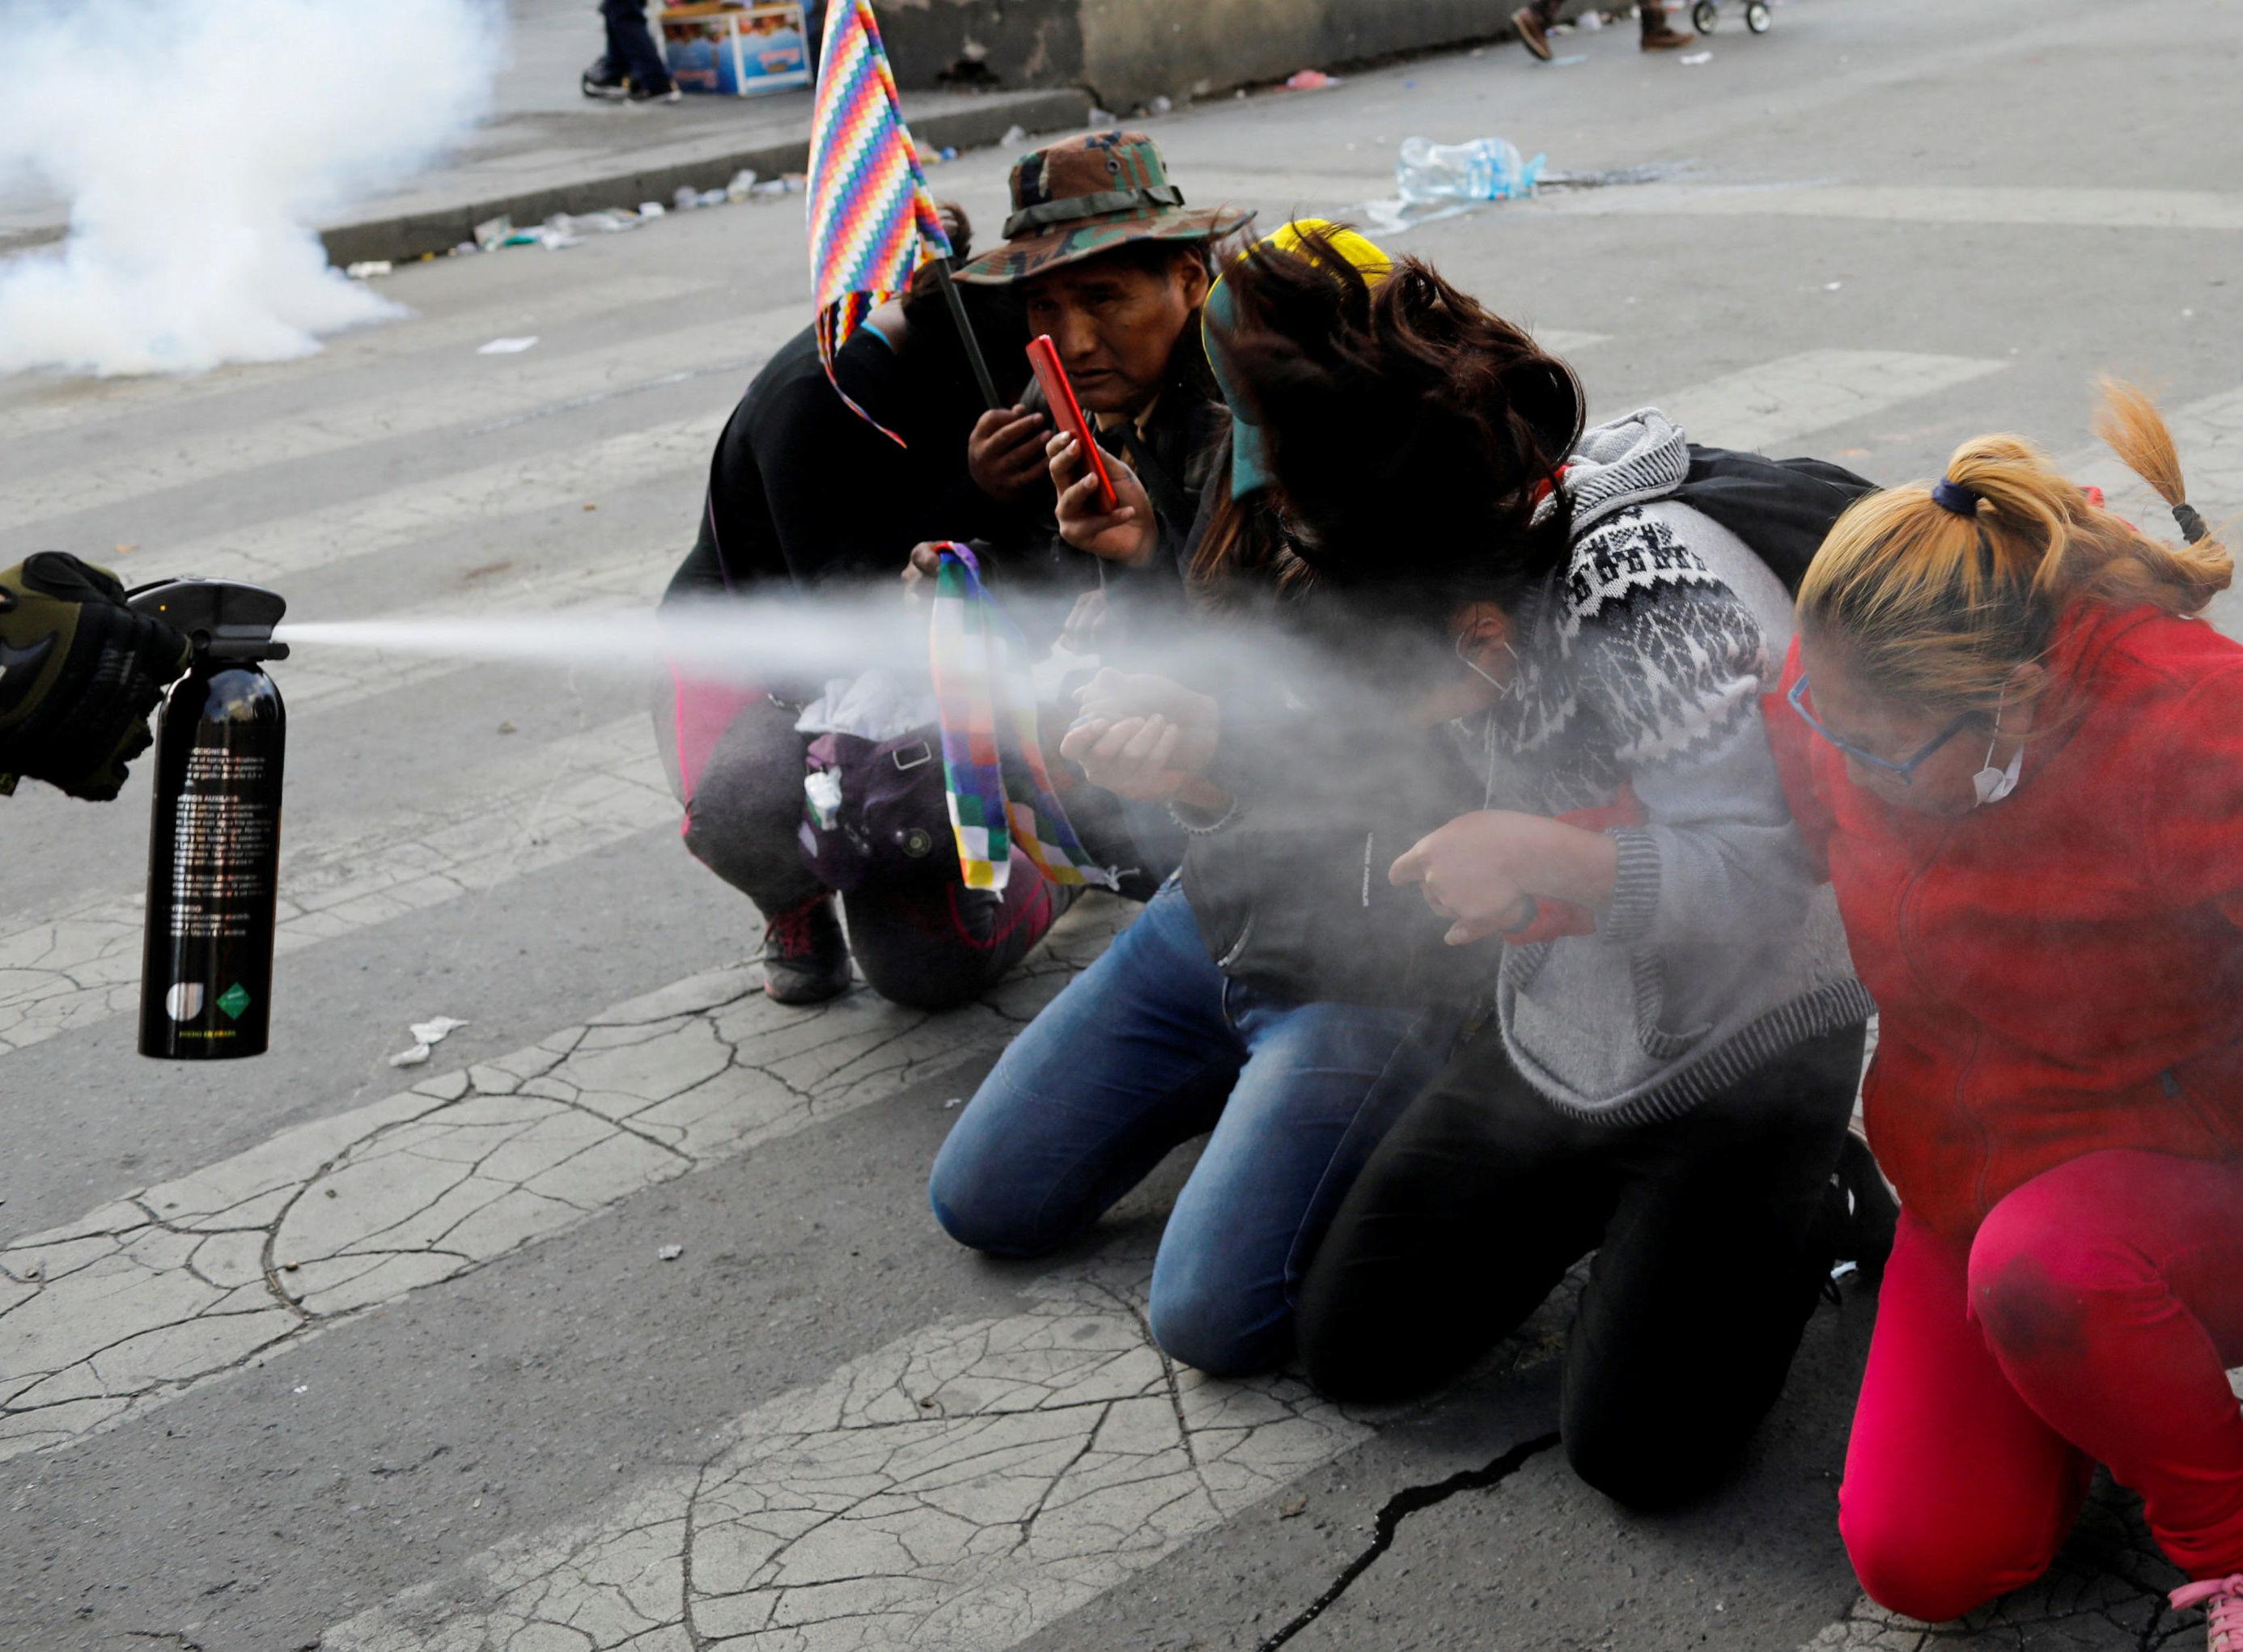 Polícia lança gás lacrimogêneo em apoiadores de Evo Morales em La Paz, na Bolívia